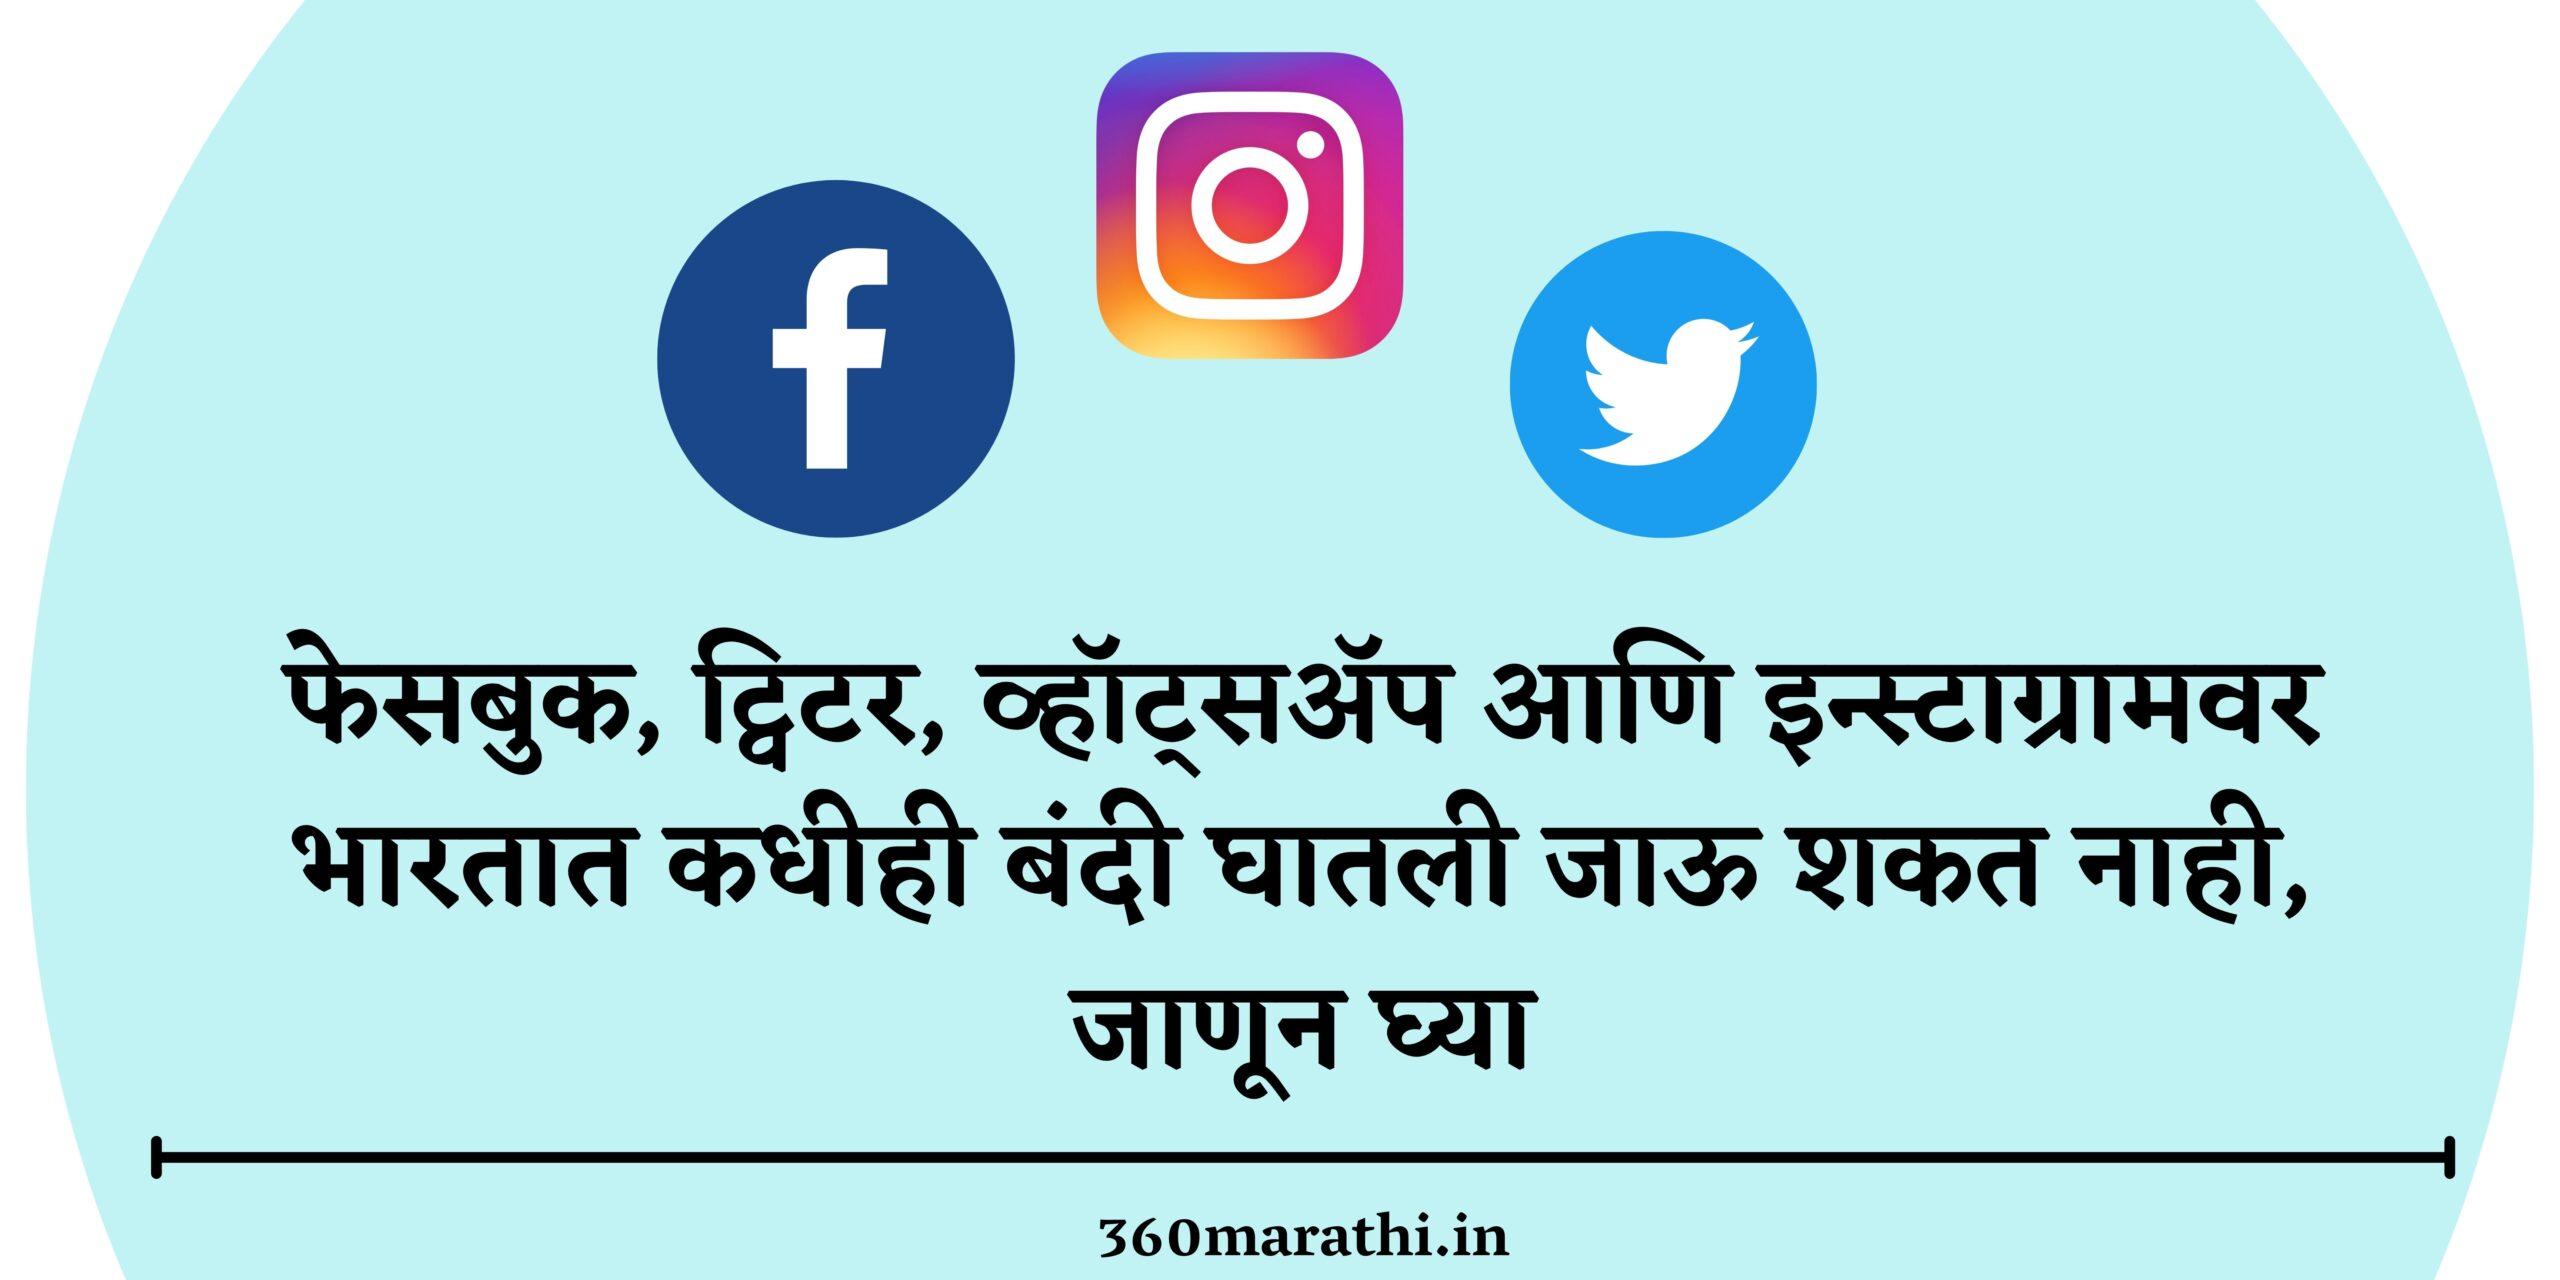 फेसबुक, ट्विटर, व्हॉट्सअॅप आणि इन्स्टाग्रामवर भारतात कधीही बंदी घातली जाऊ शकत नाही, जाणून घ्या   Facebook, Twitter, WhatsApp and Instagram can never get banned in India